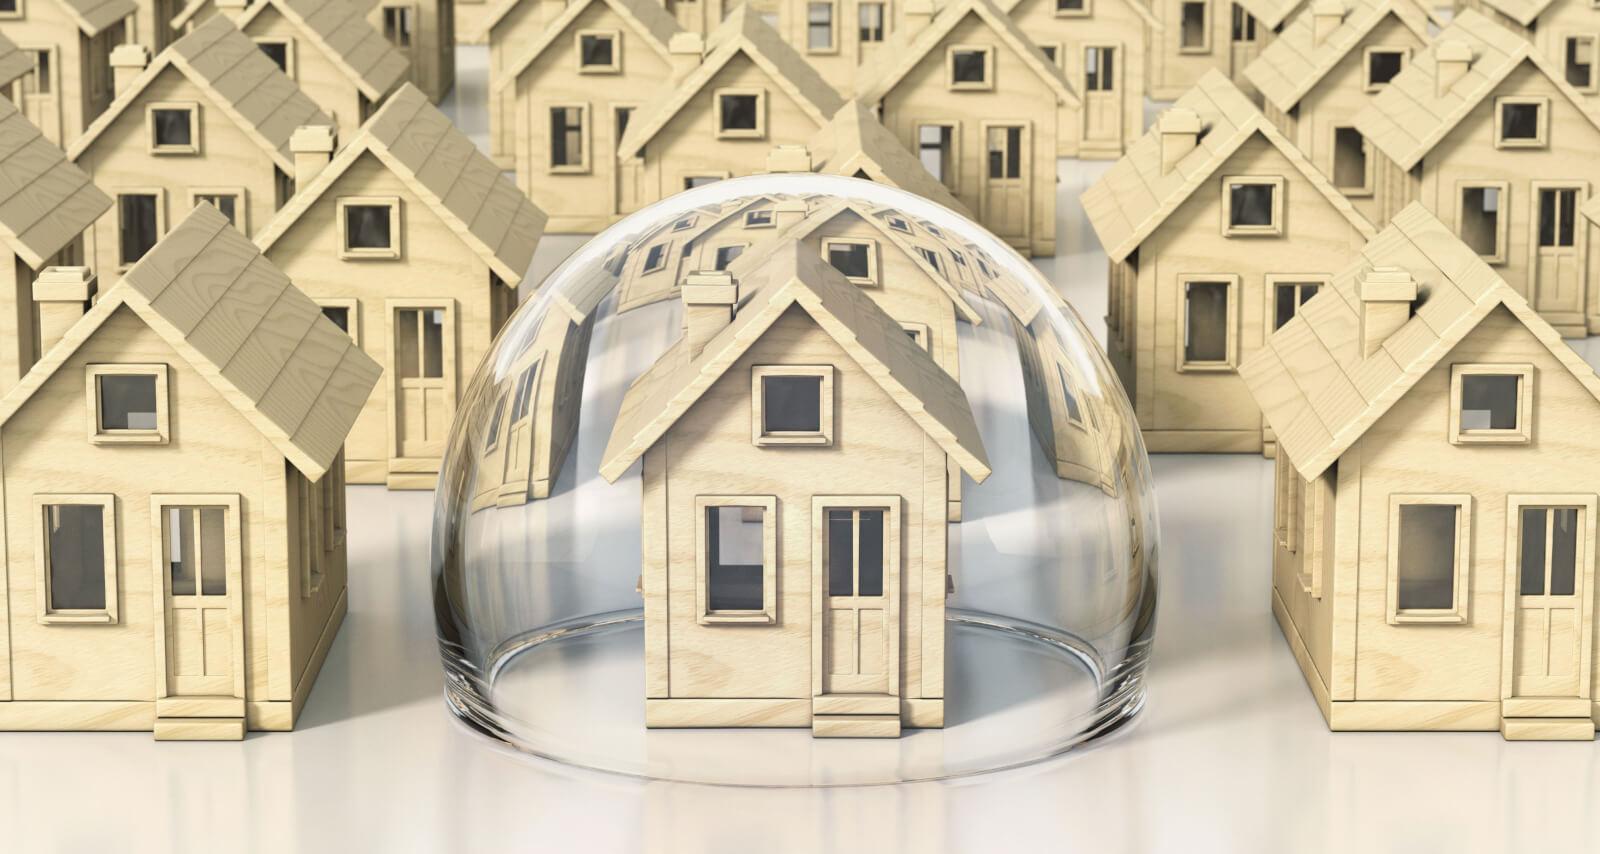 Страхование жилья при ипотеке — лучшие условия и места для оформления